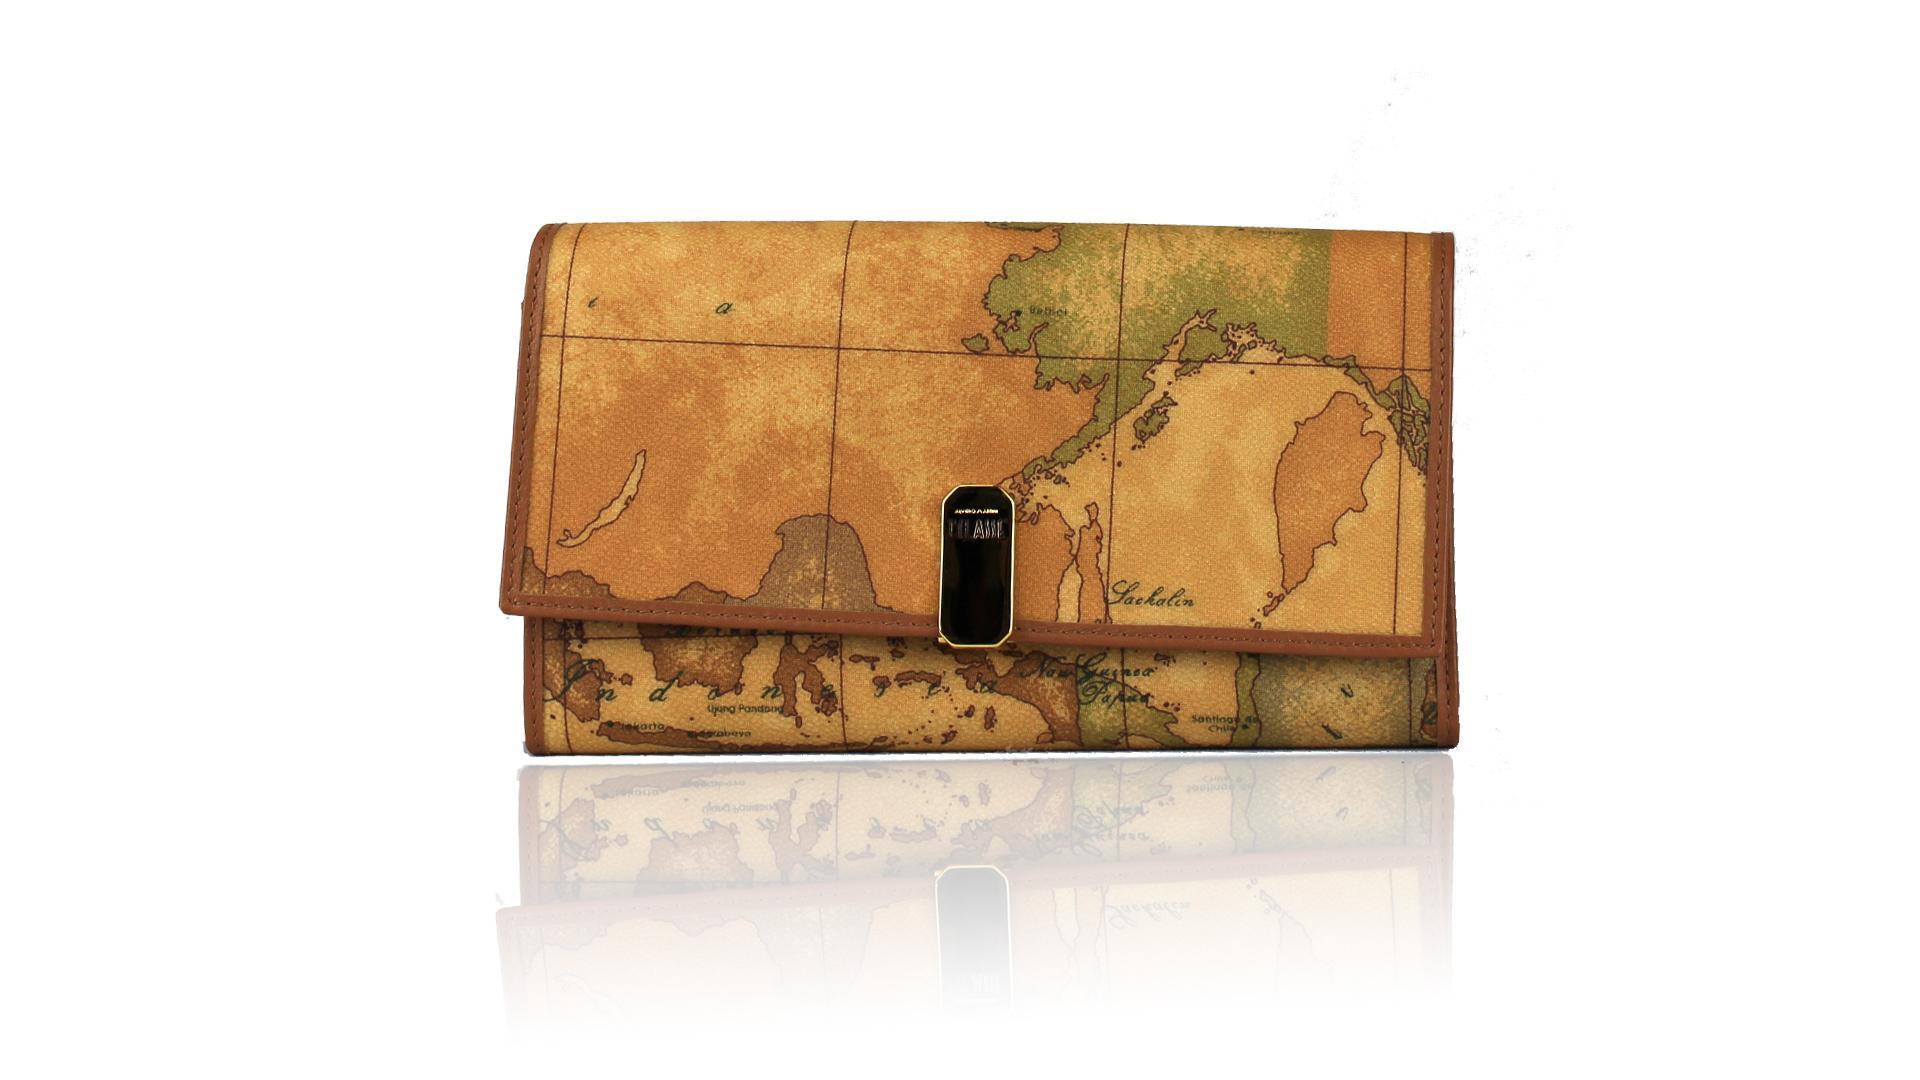 Woman wallet Alviero Martini 1A Classe Continuativo W004 6000 010 Classico